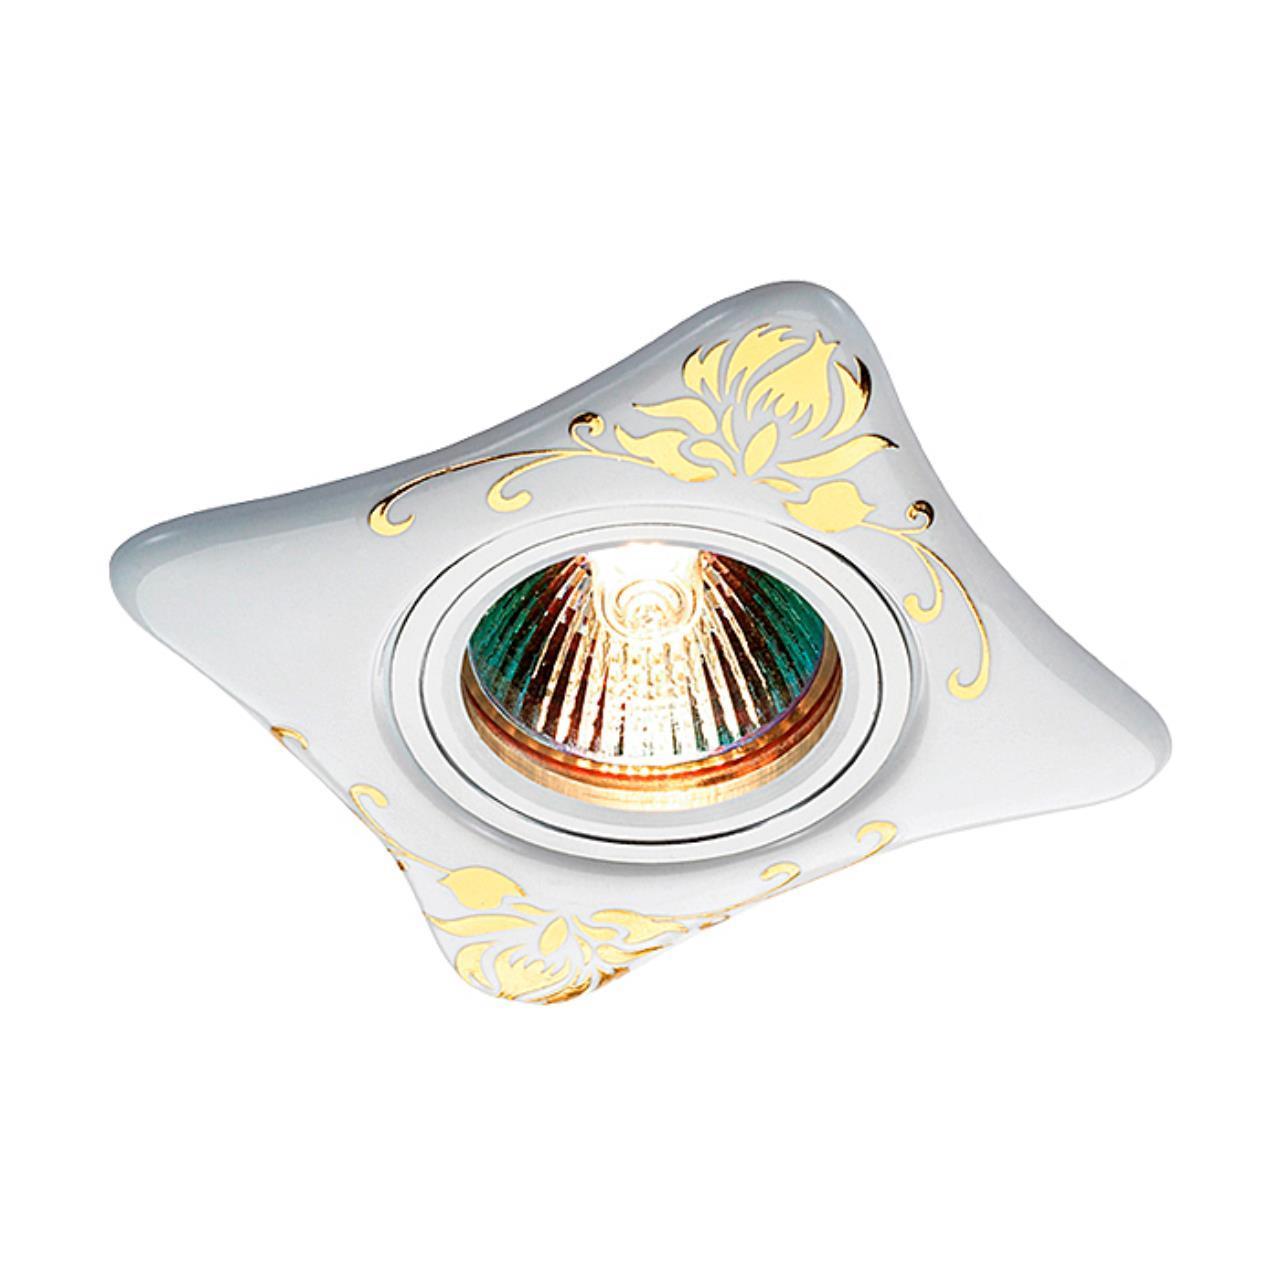 369929 SPOT NT14 129 белый/золото Встраиваемый светильник IP20 GX5.3 50W 12V CERAMIC